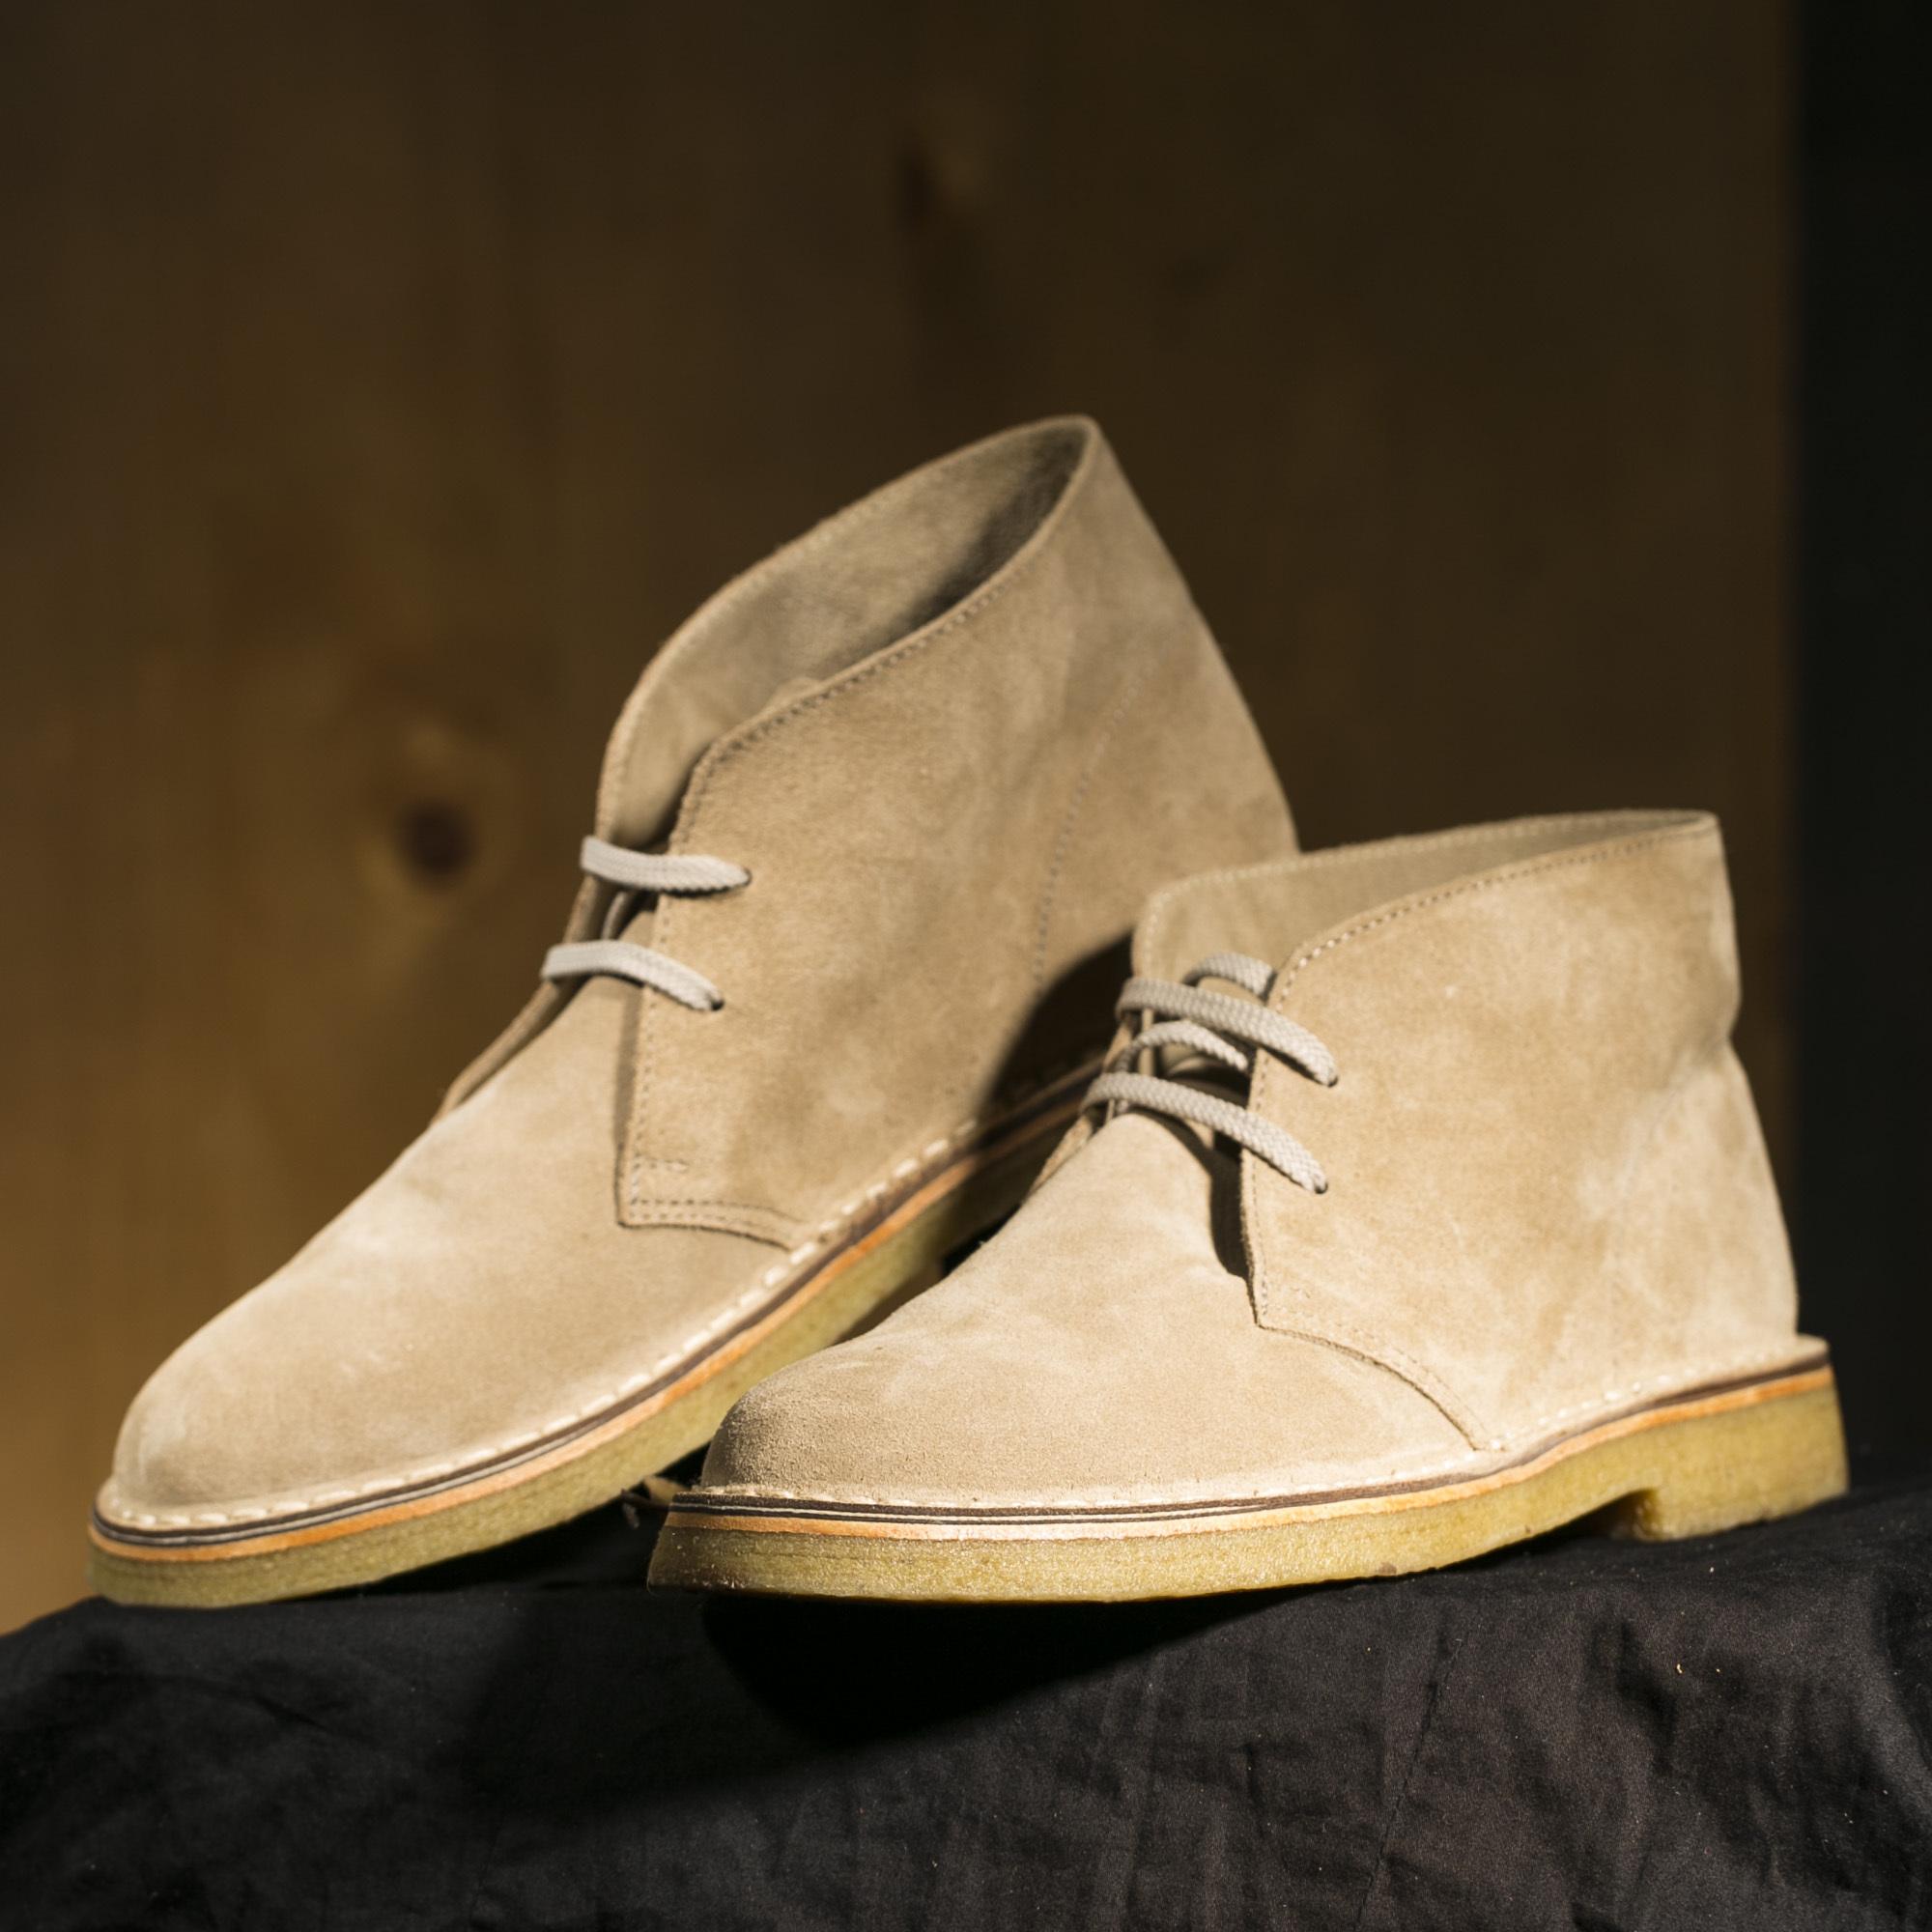 意大利原产alico 阿里克都市商务休闲翻绒小牛皮鞋男士 米白 42.5